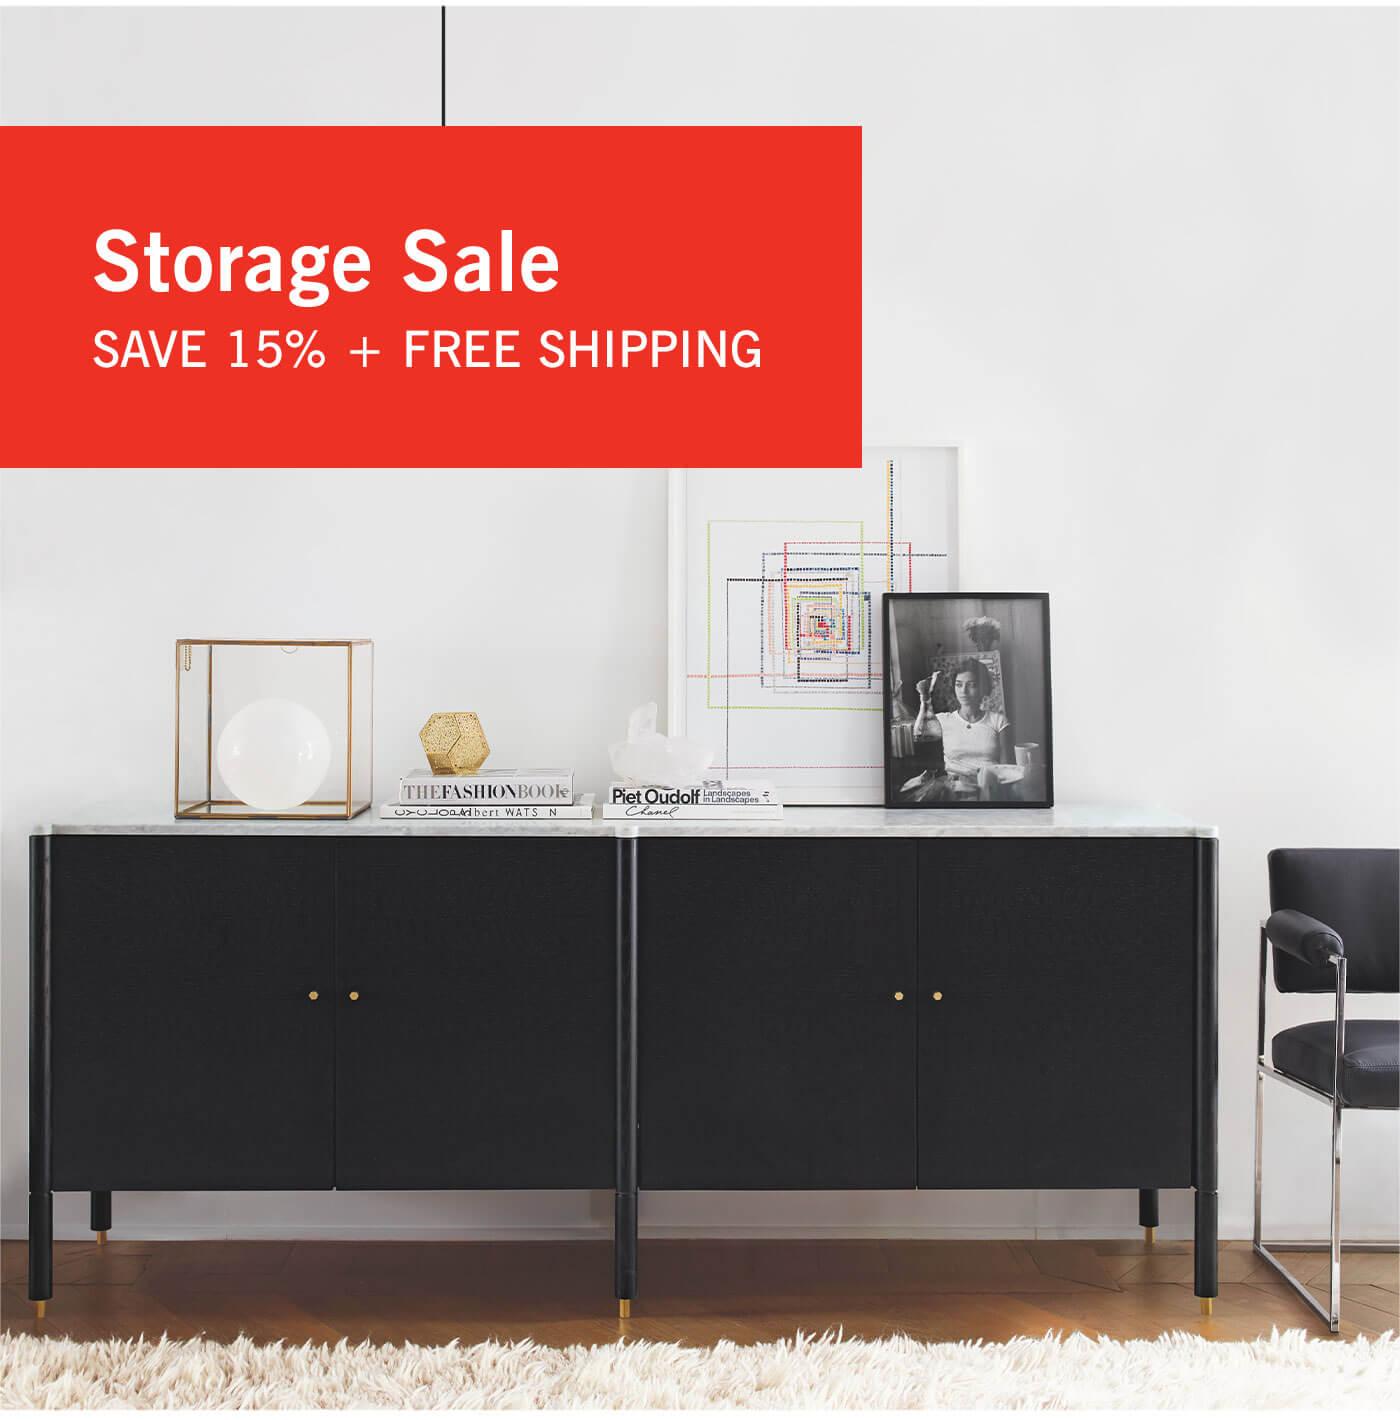 Storage Sale